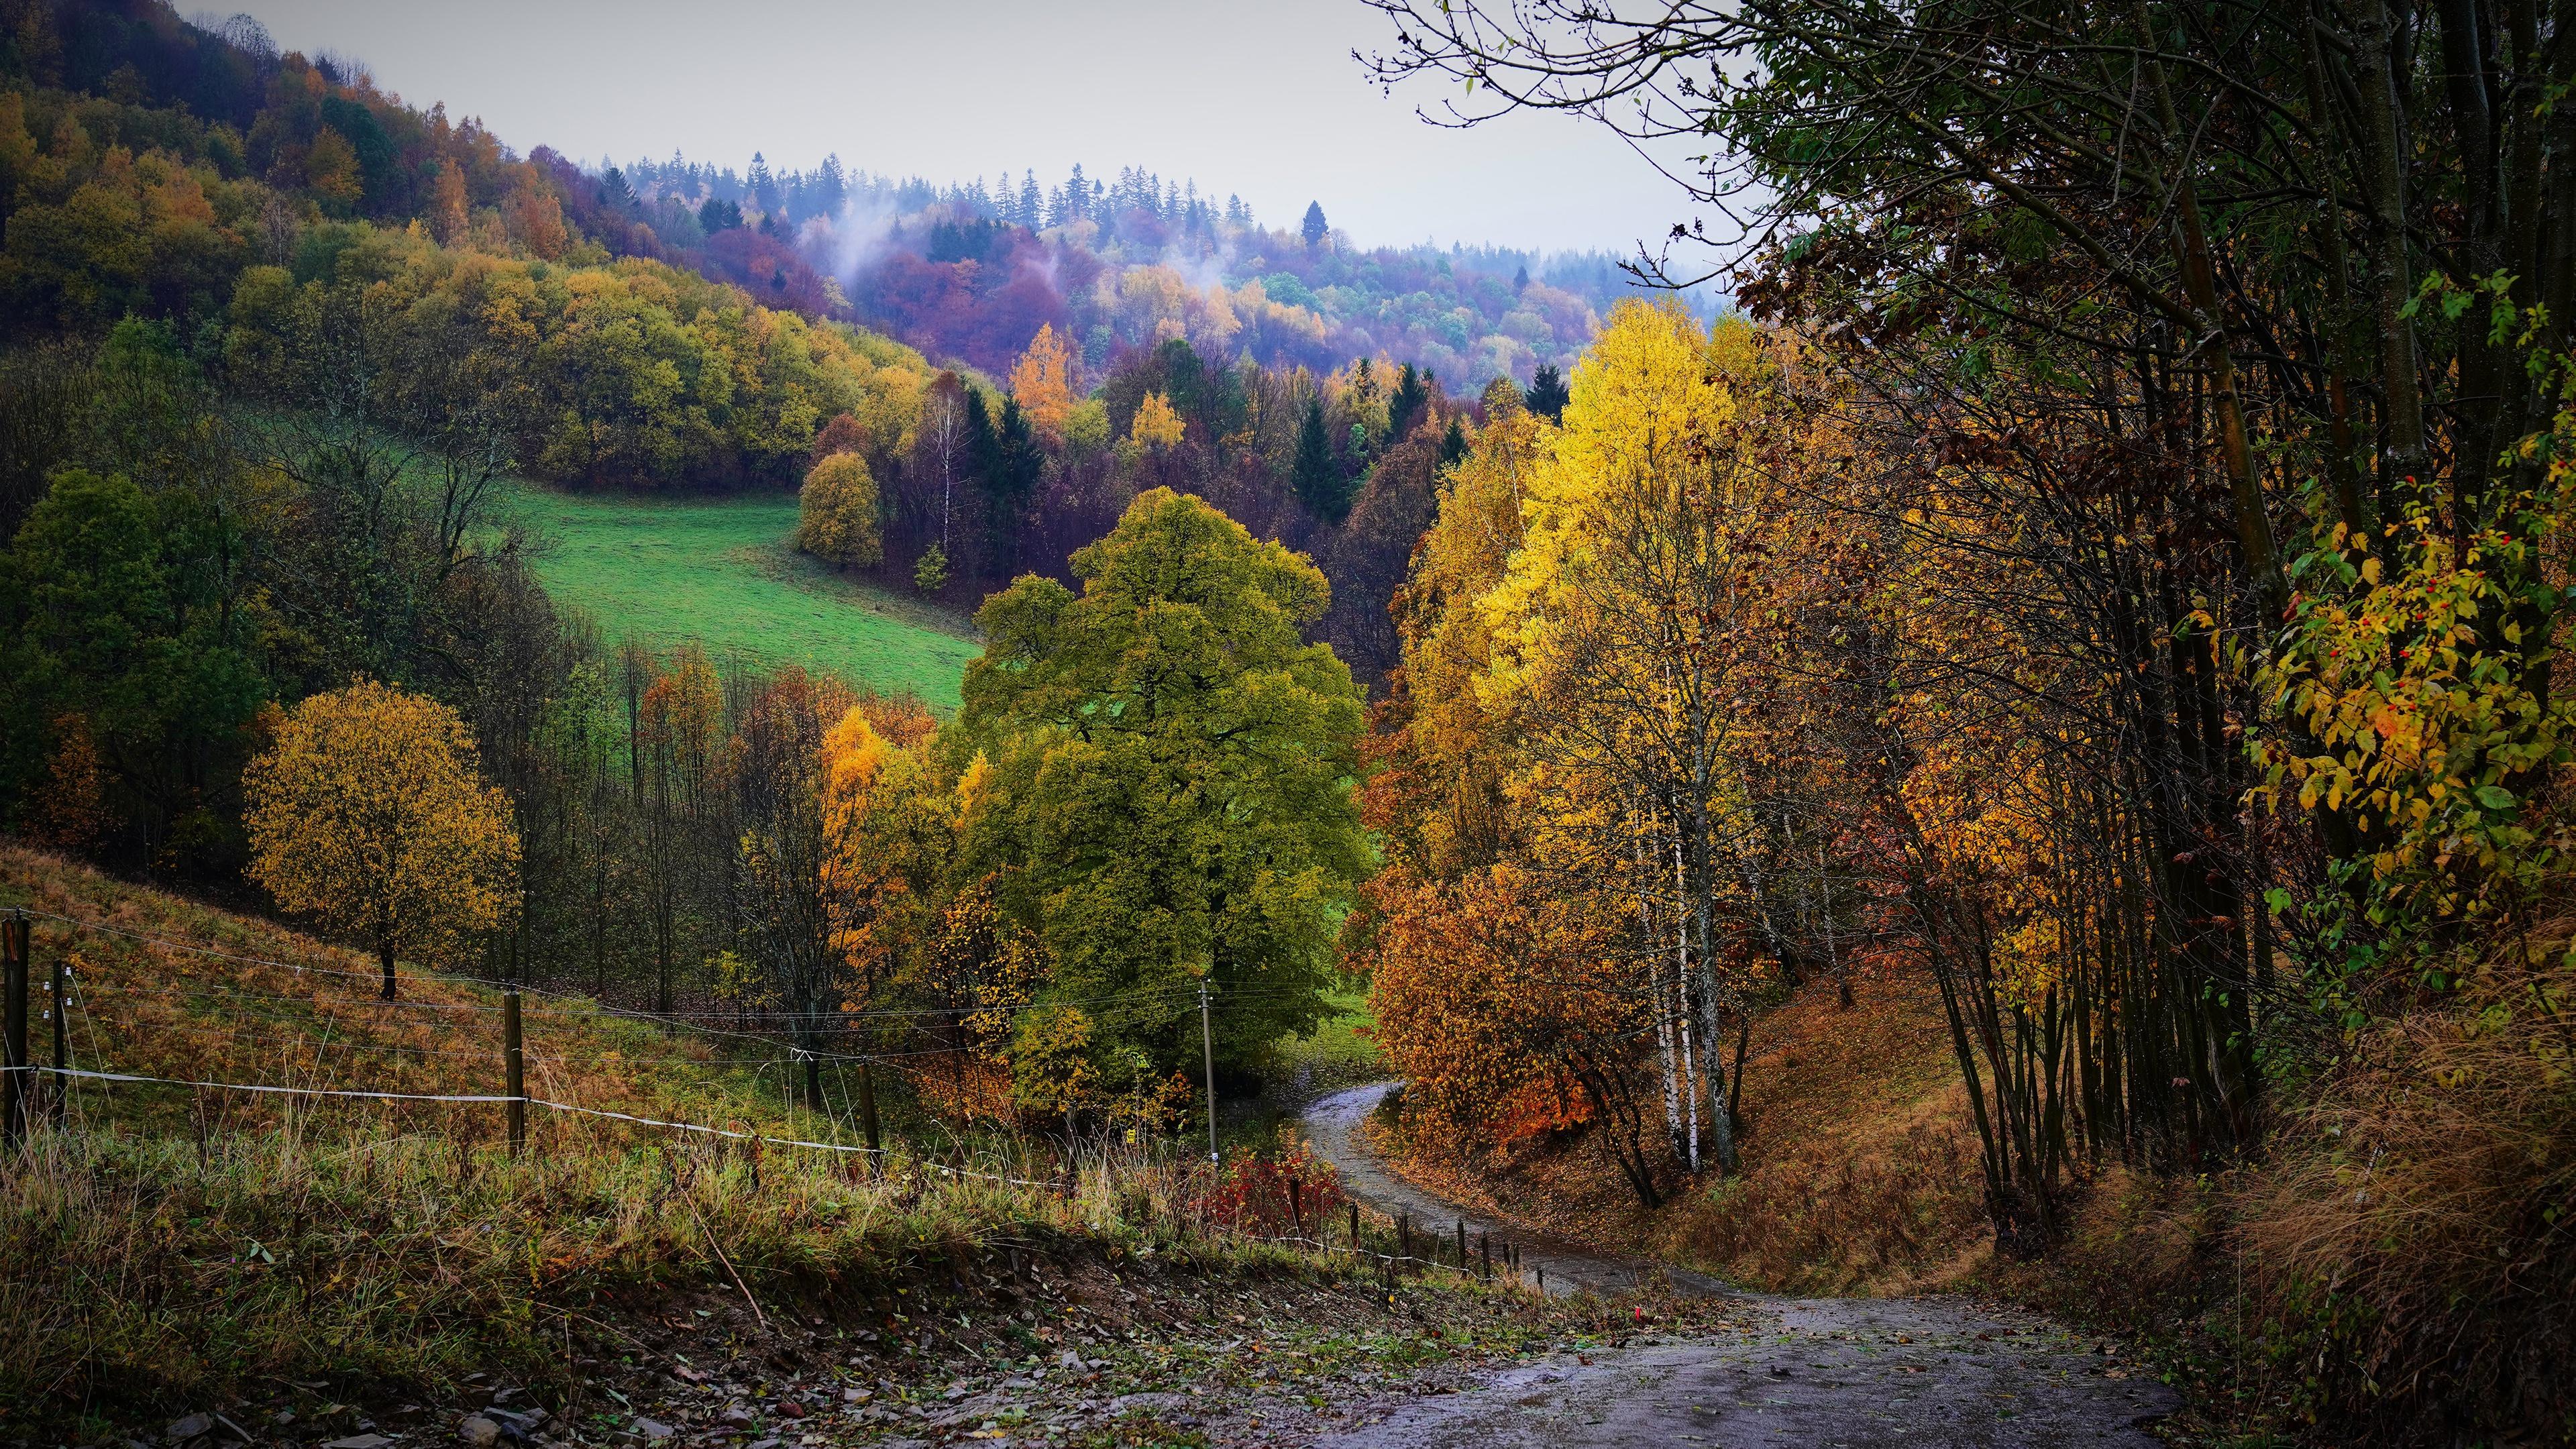 Fall Fence Fog Forest Hill Path 3840x2160